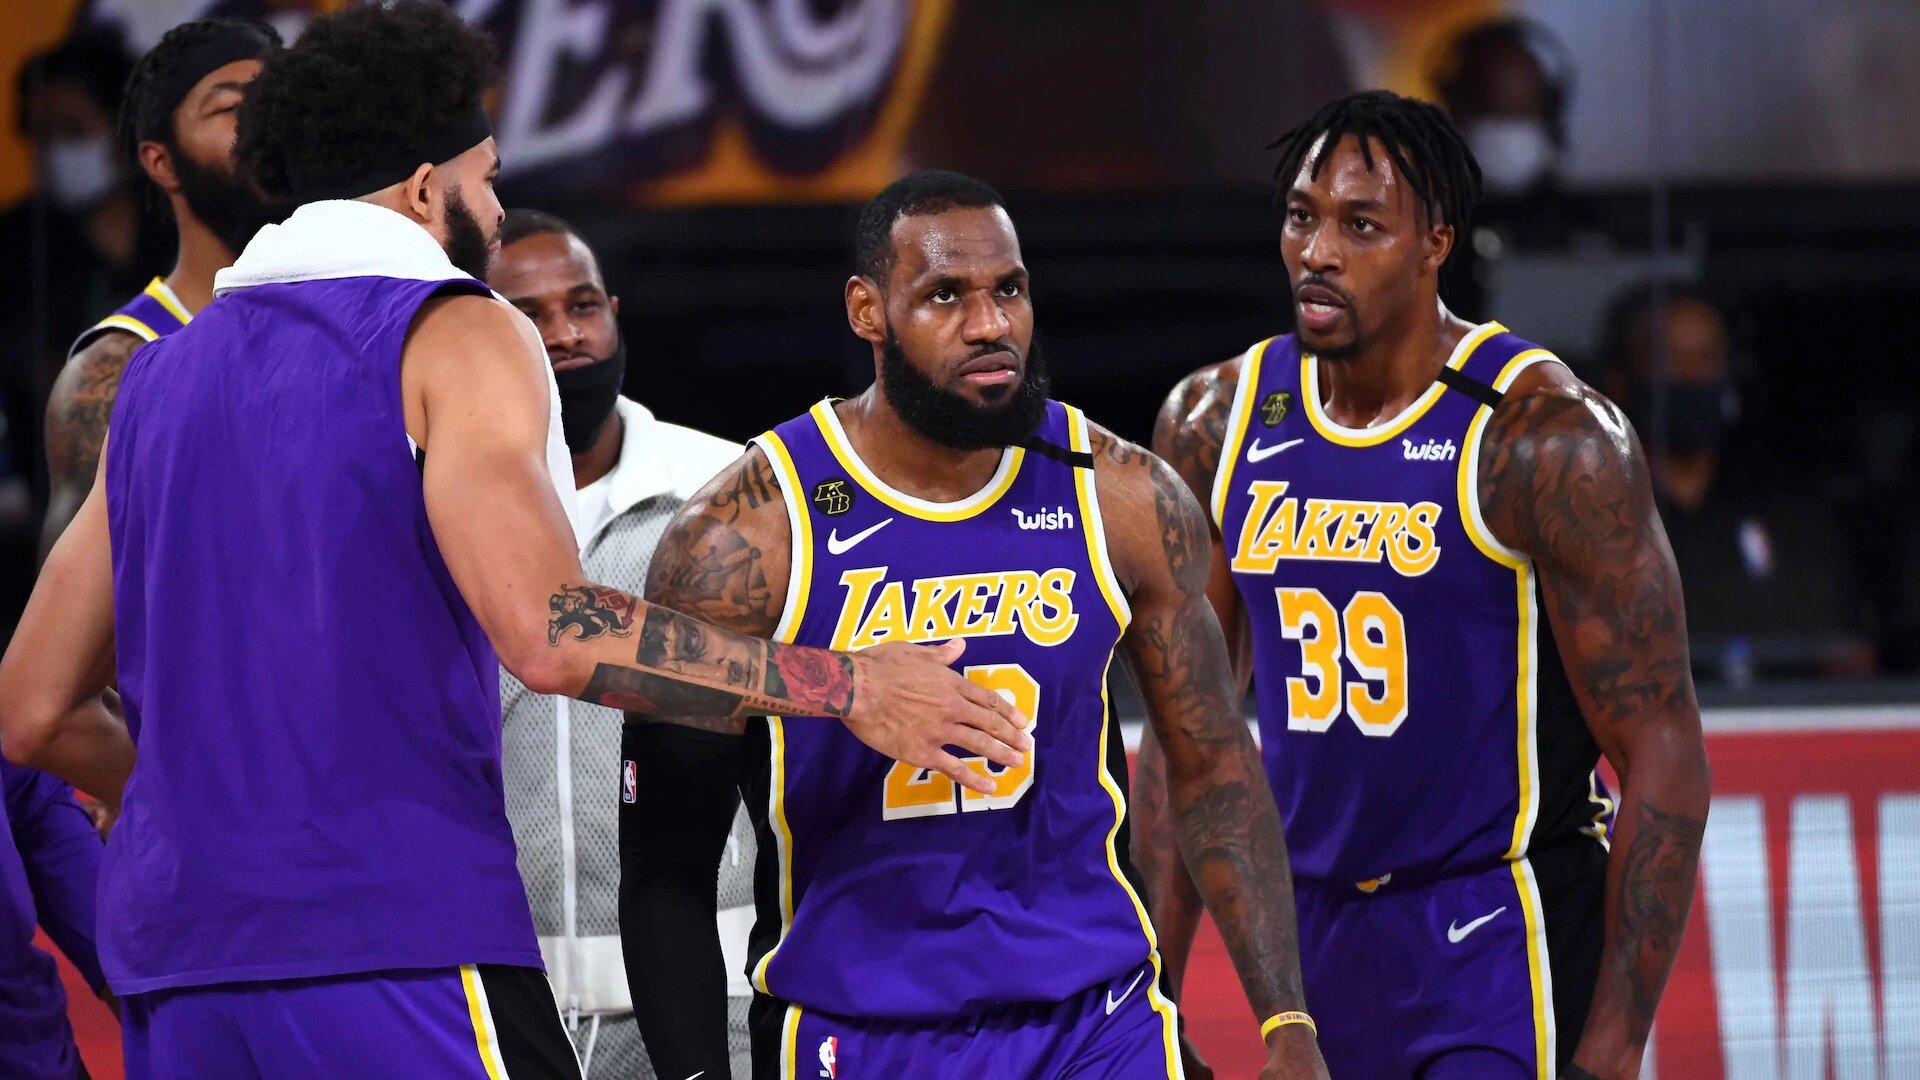 LeBron James et ses coéquipiers des Los Angeles Lakers